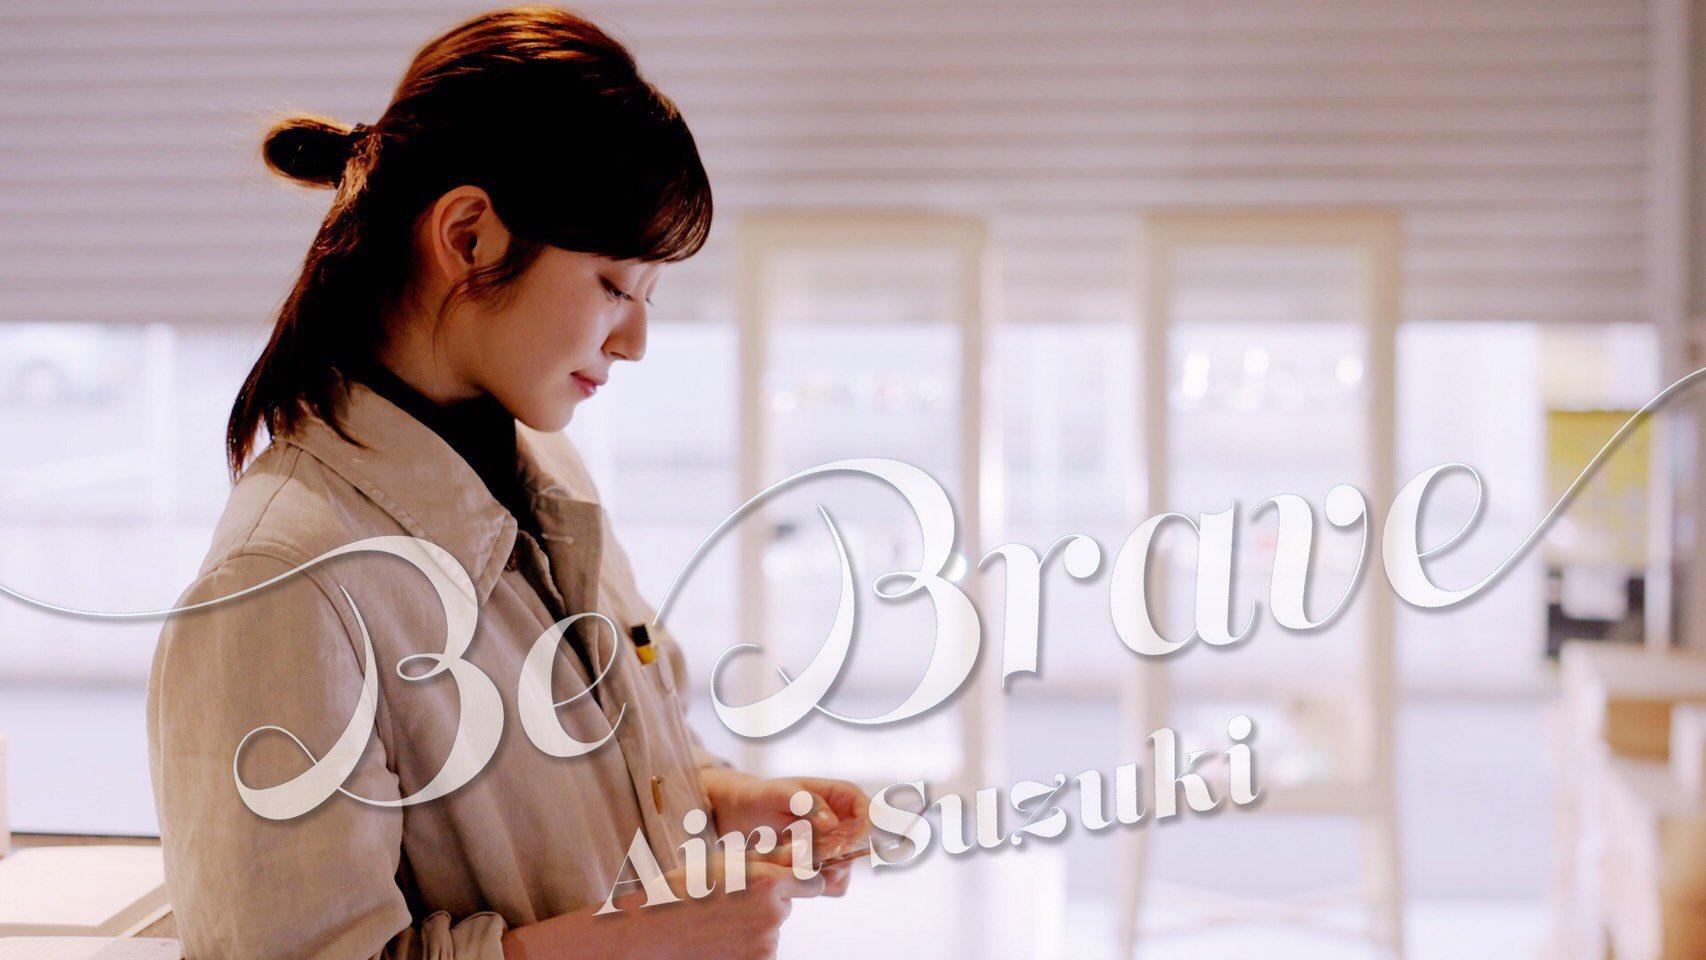 鈴木愛理 - Be Brave